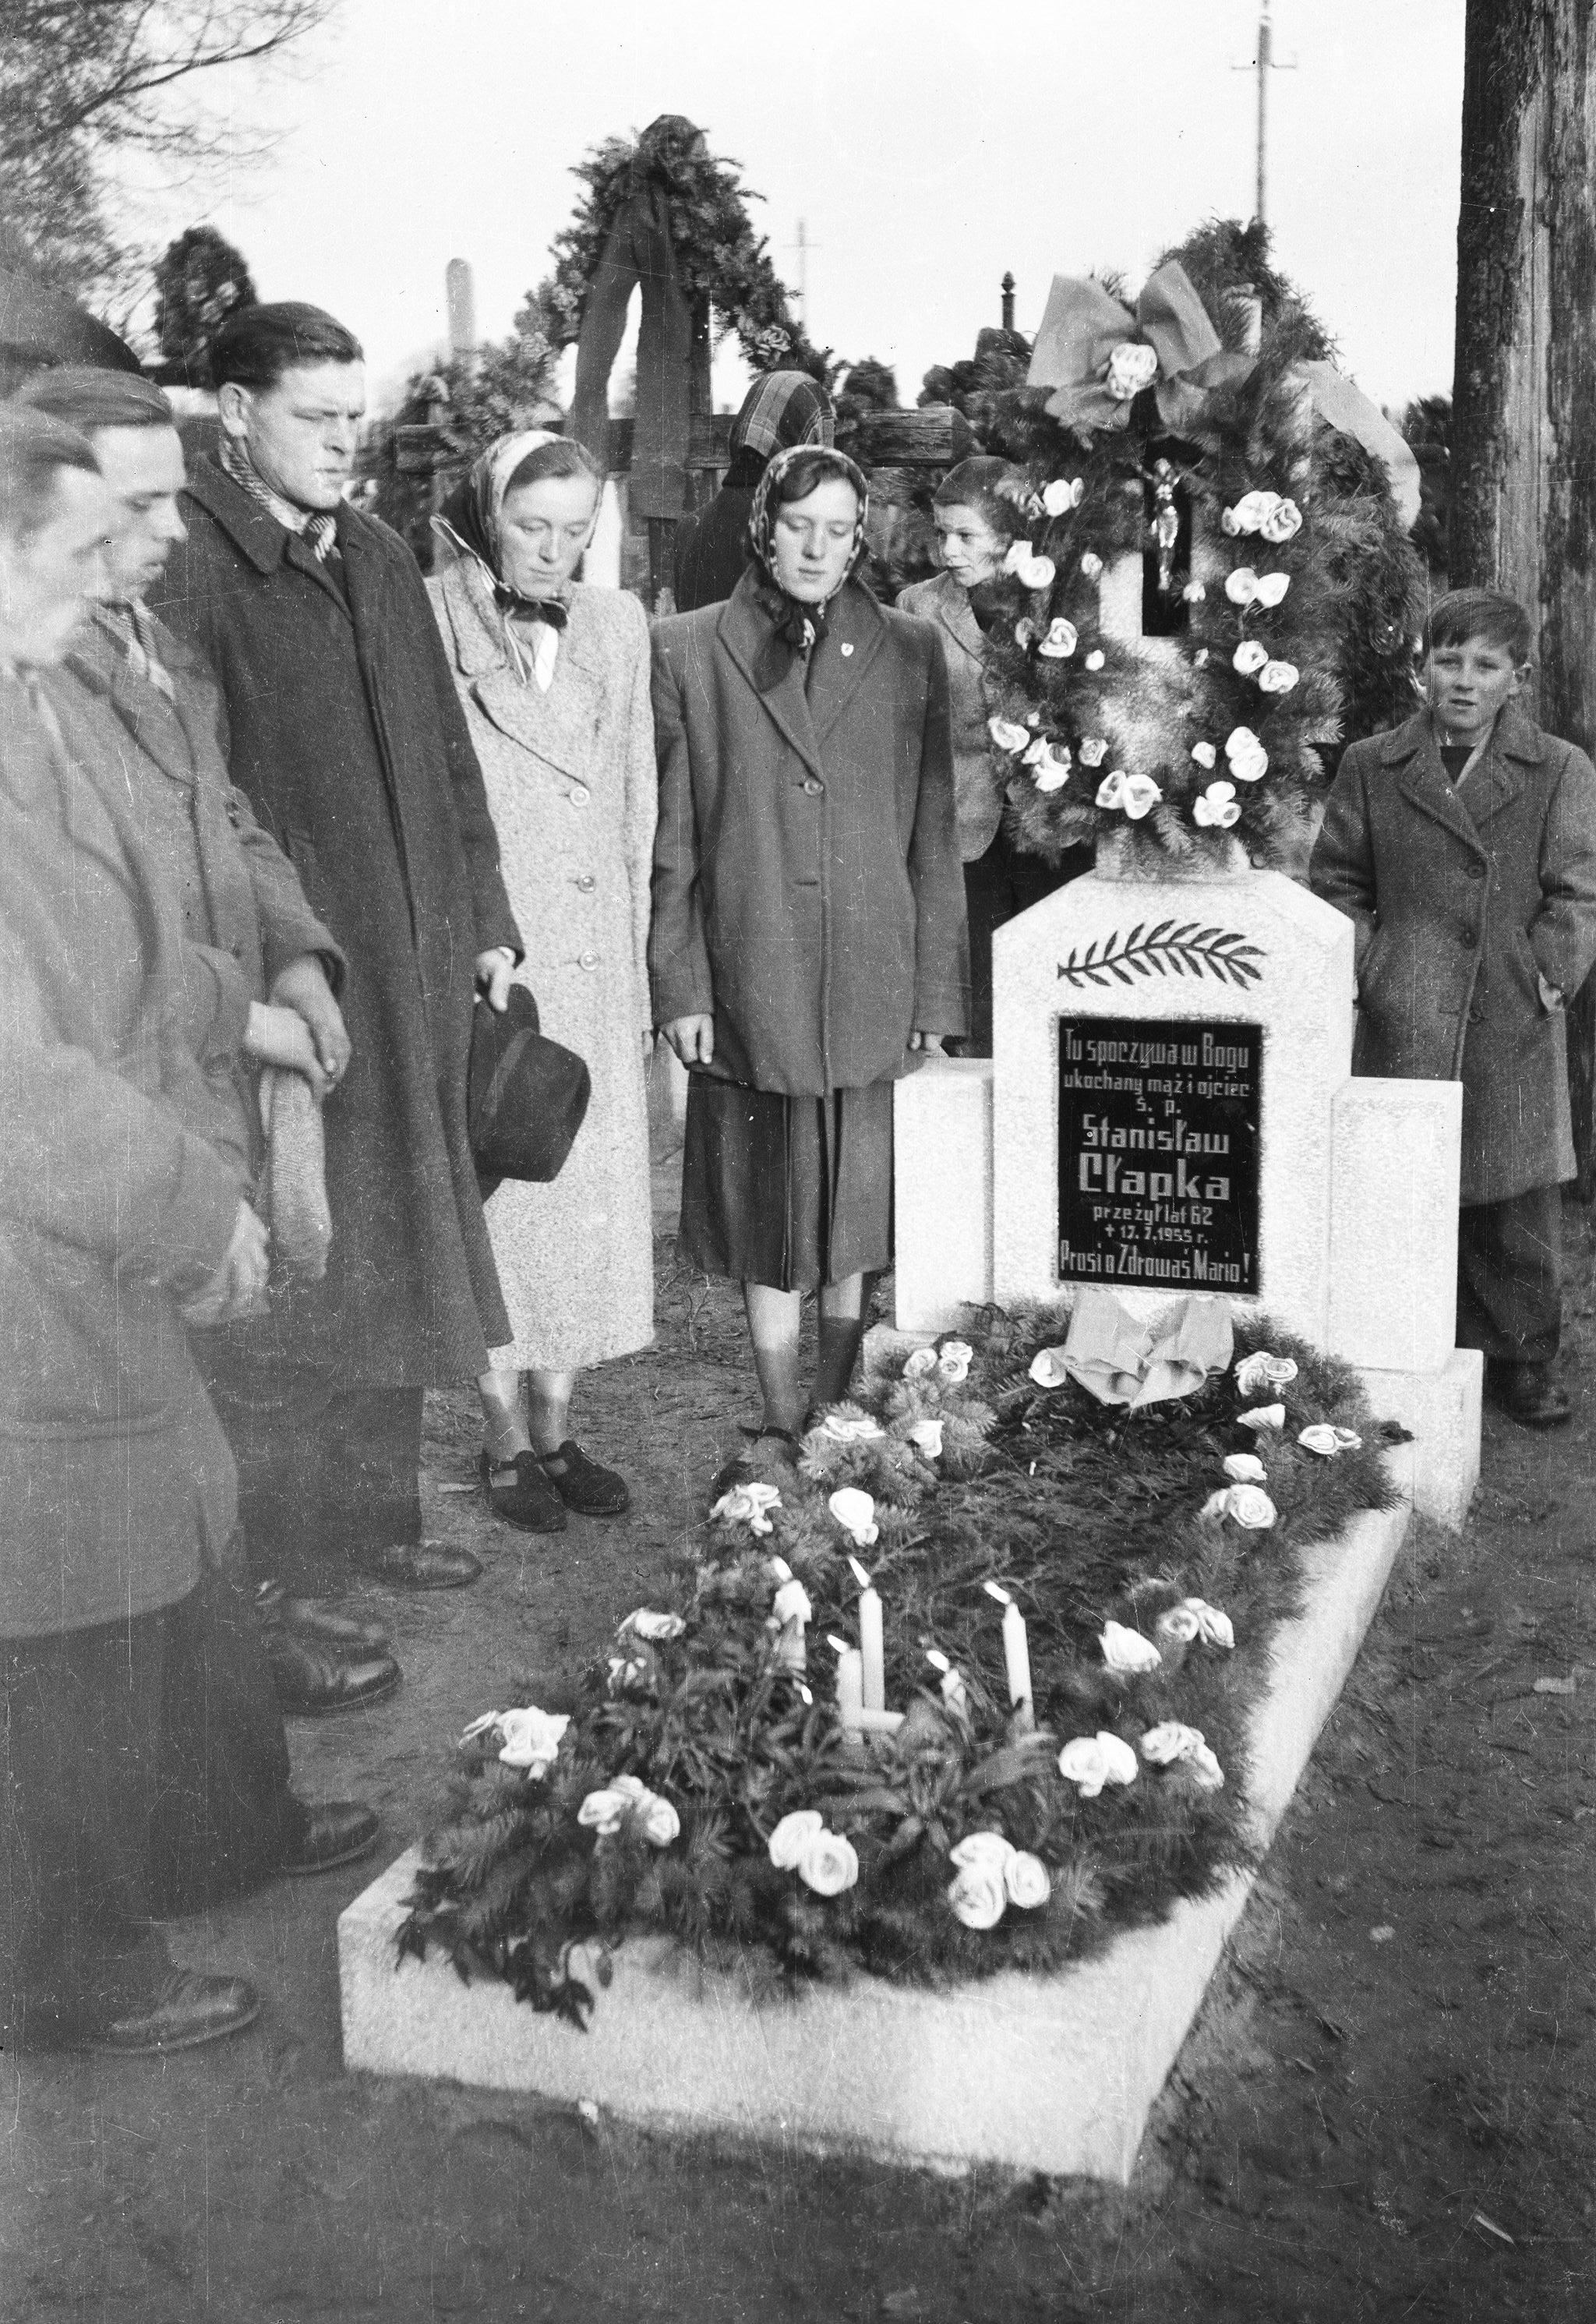 Rodzina Matczaków przy grobie Stanisława Cłapka, Głębowice, Dolny Śląsk, lata 50. XX w.